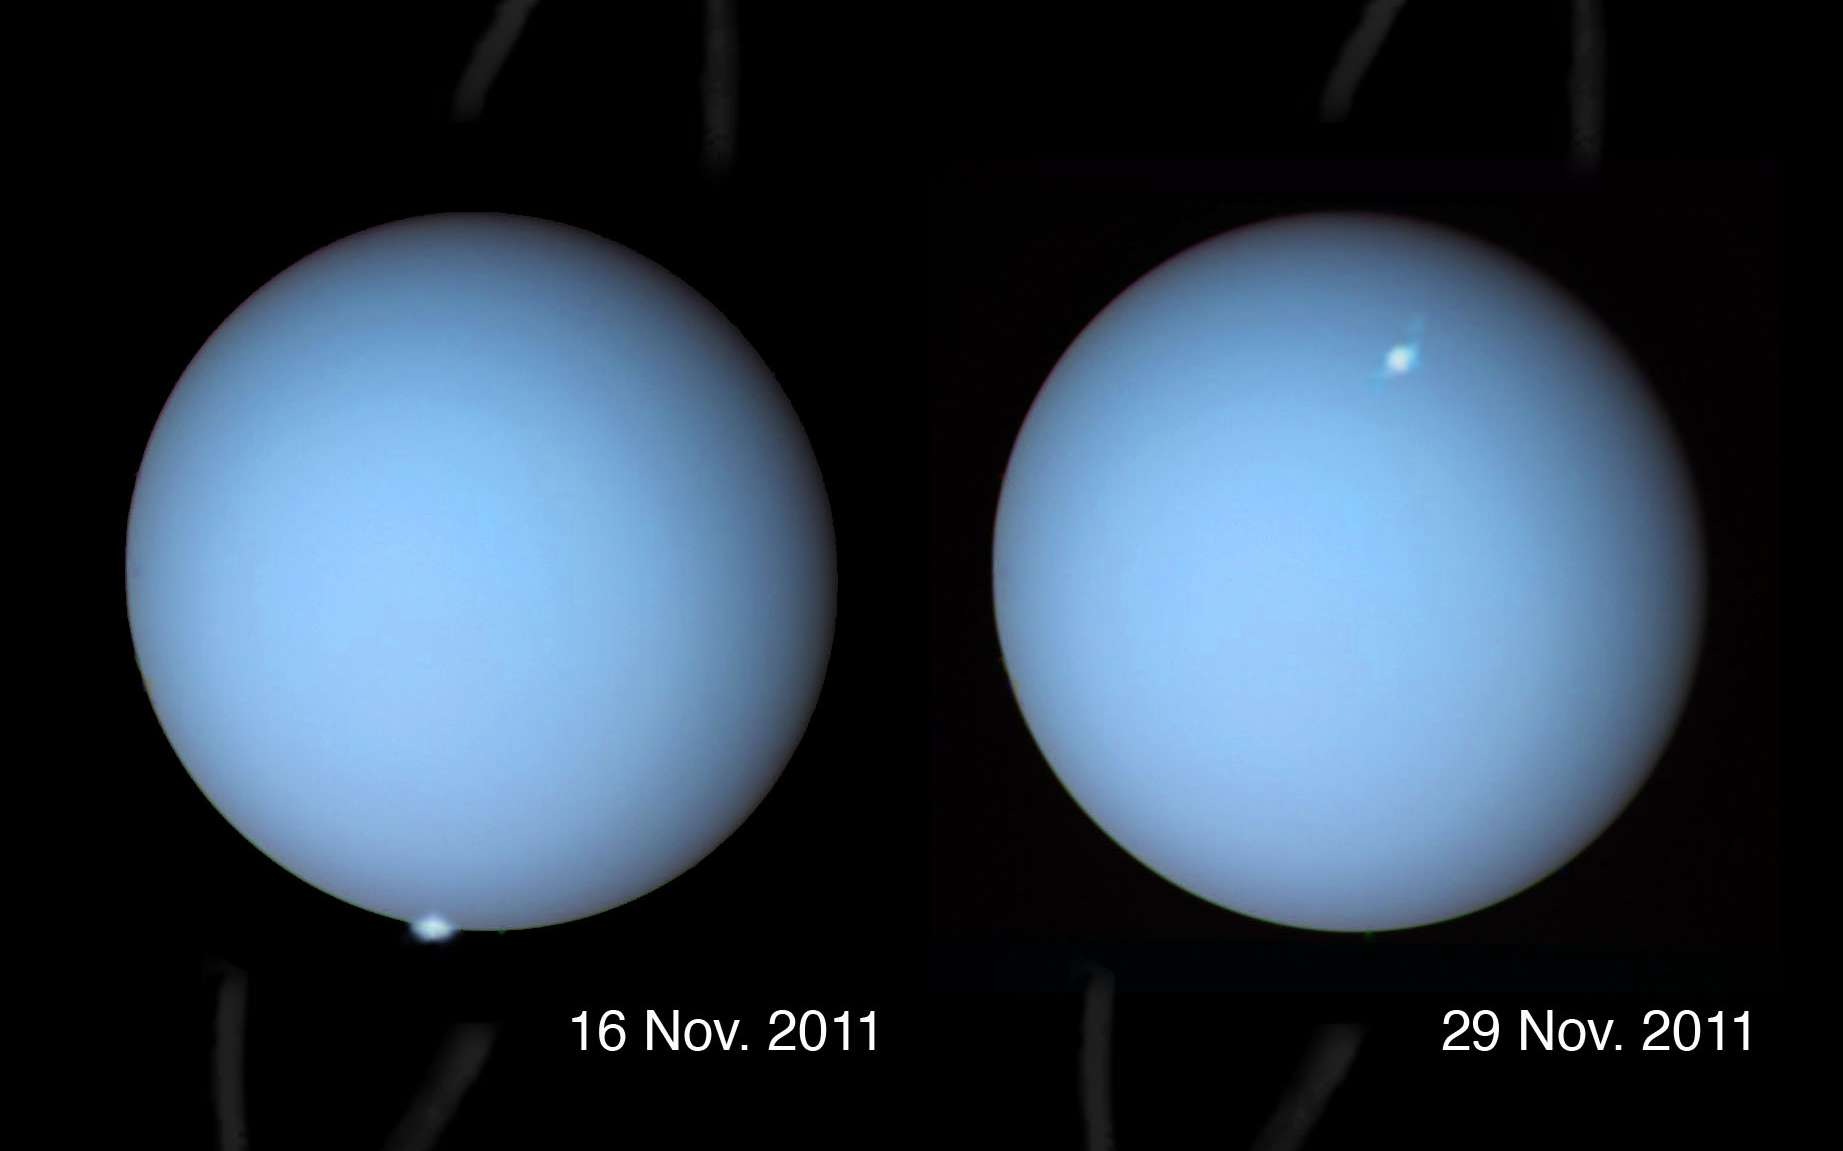 En novembre 2011 le télescope spatial Hubble a photographié des aurores sur Uranus, un phénomène que seule la sonde Voyager 2 avait pu enregistrer il y a 26 ans. © Nasa/Observatoire de Paris/Laurent Lamy